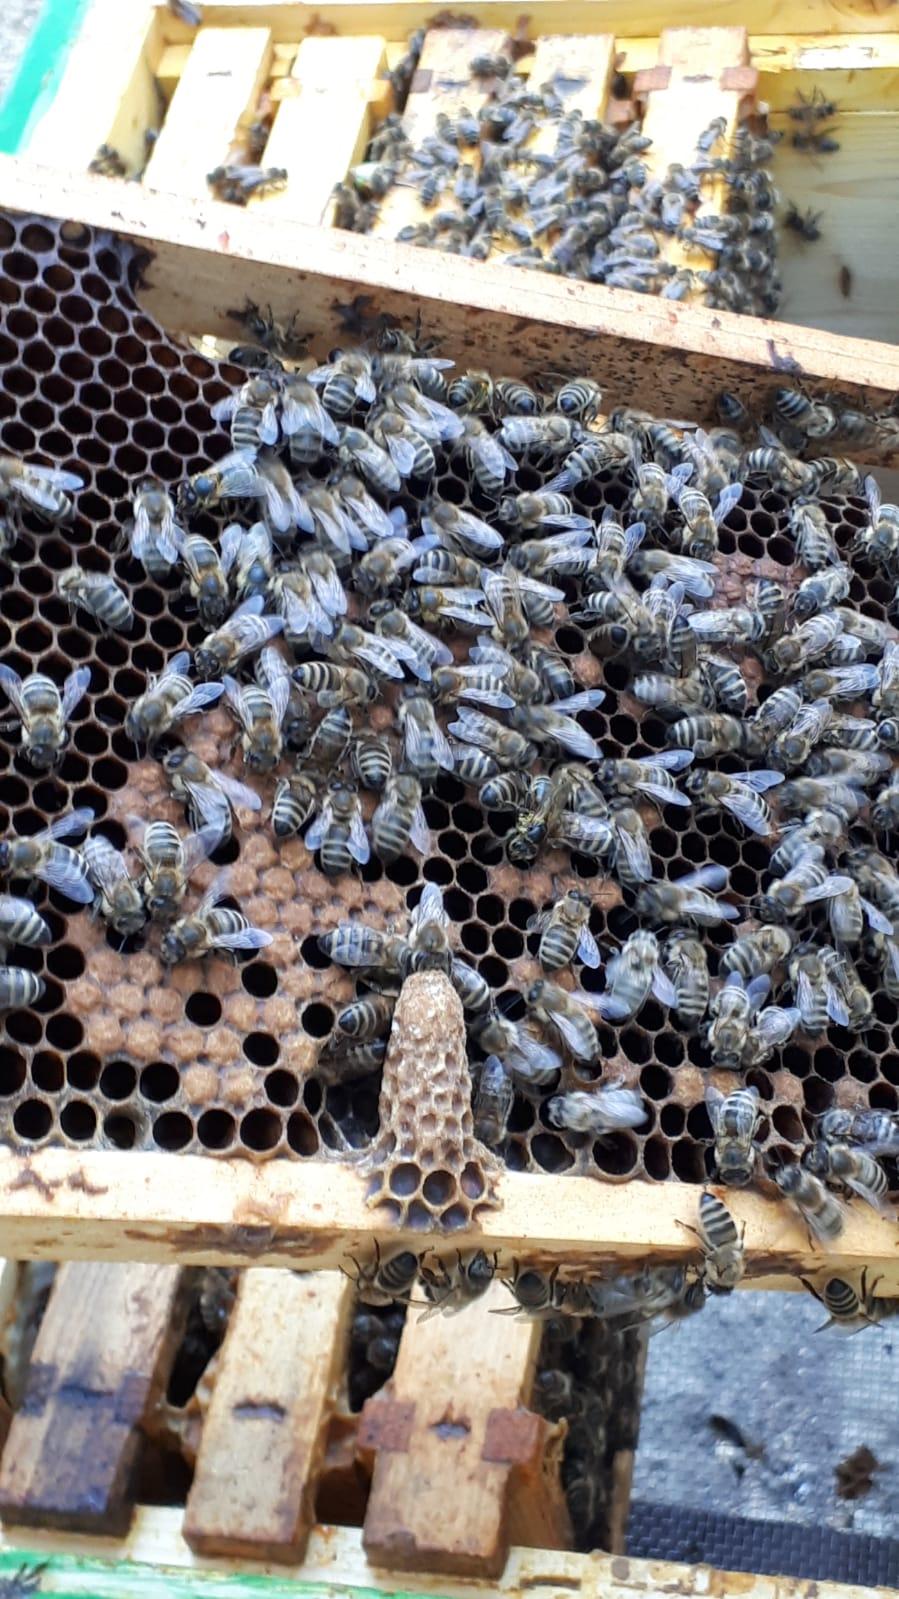 Königinnenzucht braucht Weiselzellen auf Bienenrähmchen